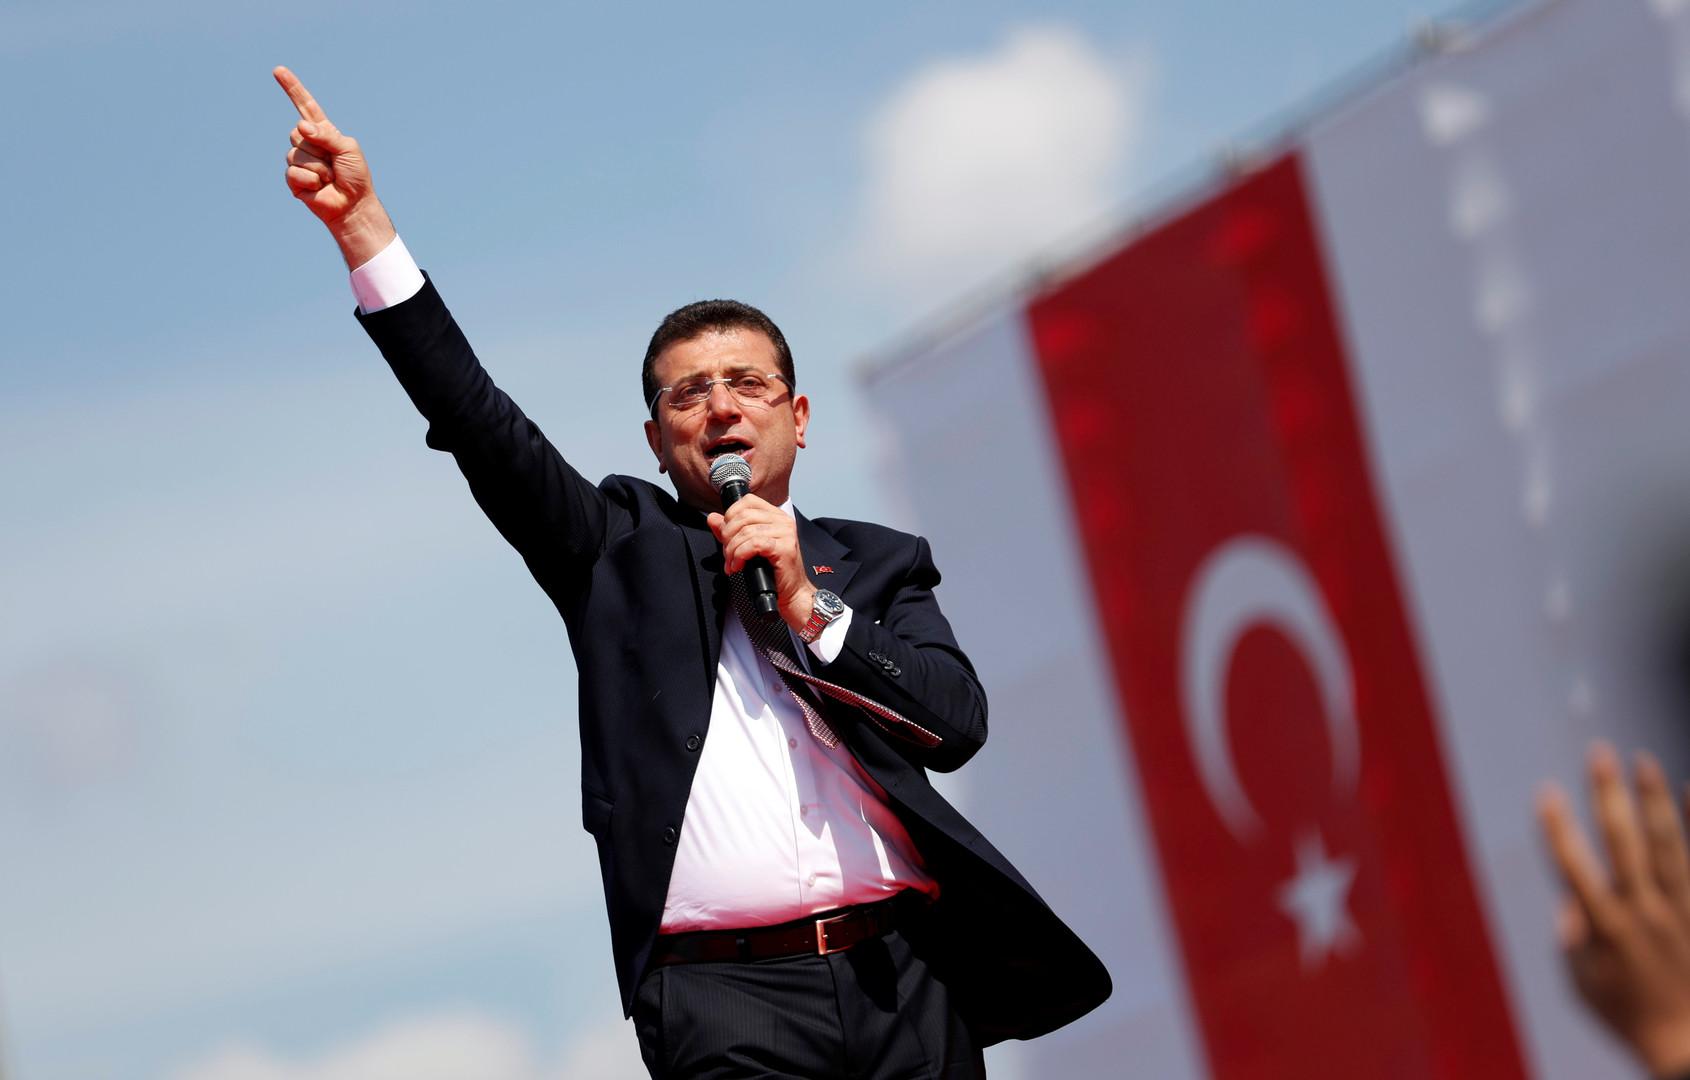 مرشح المعارضة التركية الذي أبطلت لجنة الانتخابات فوزه برئاسة بلدية اسطنبول أكرم إمام أوغلو